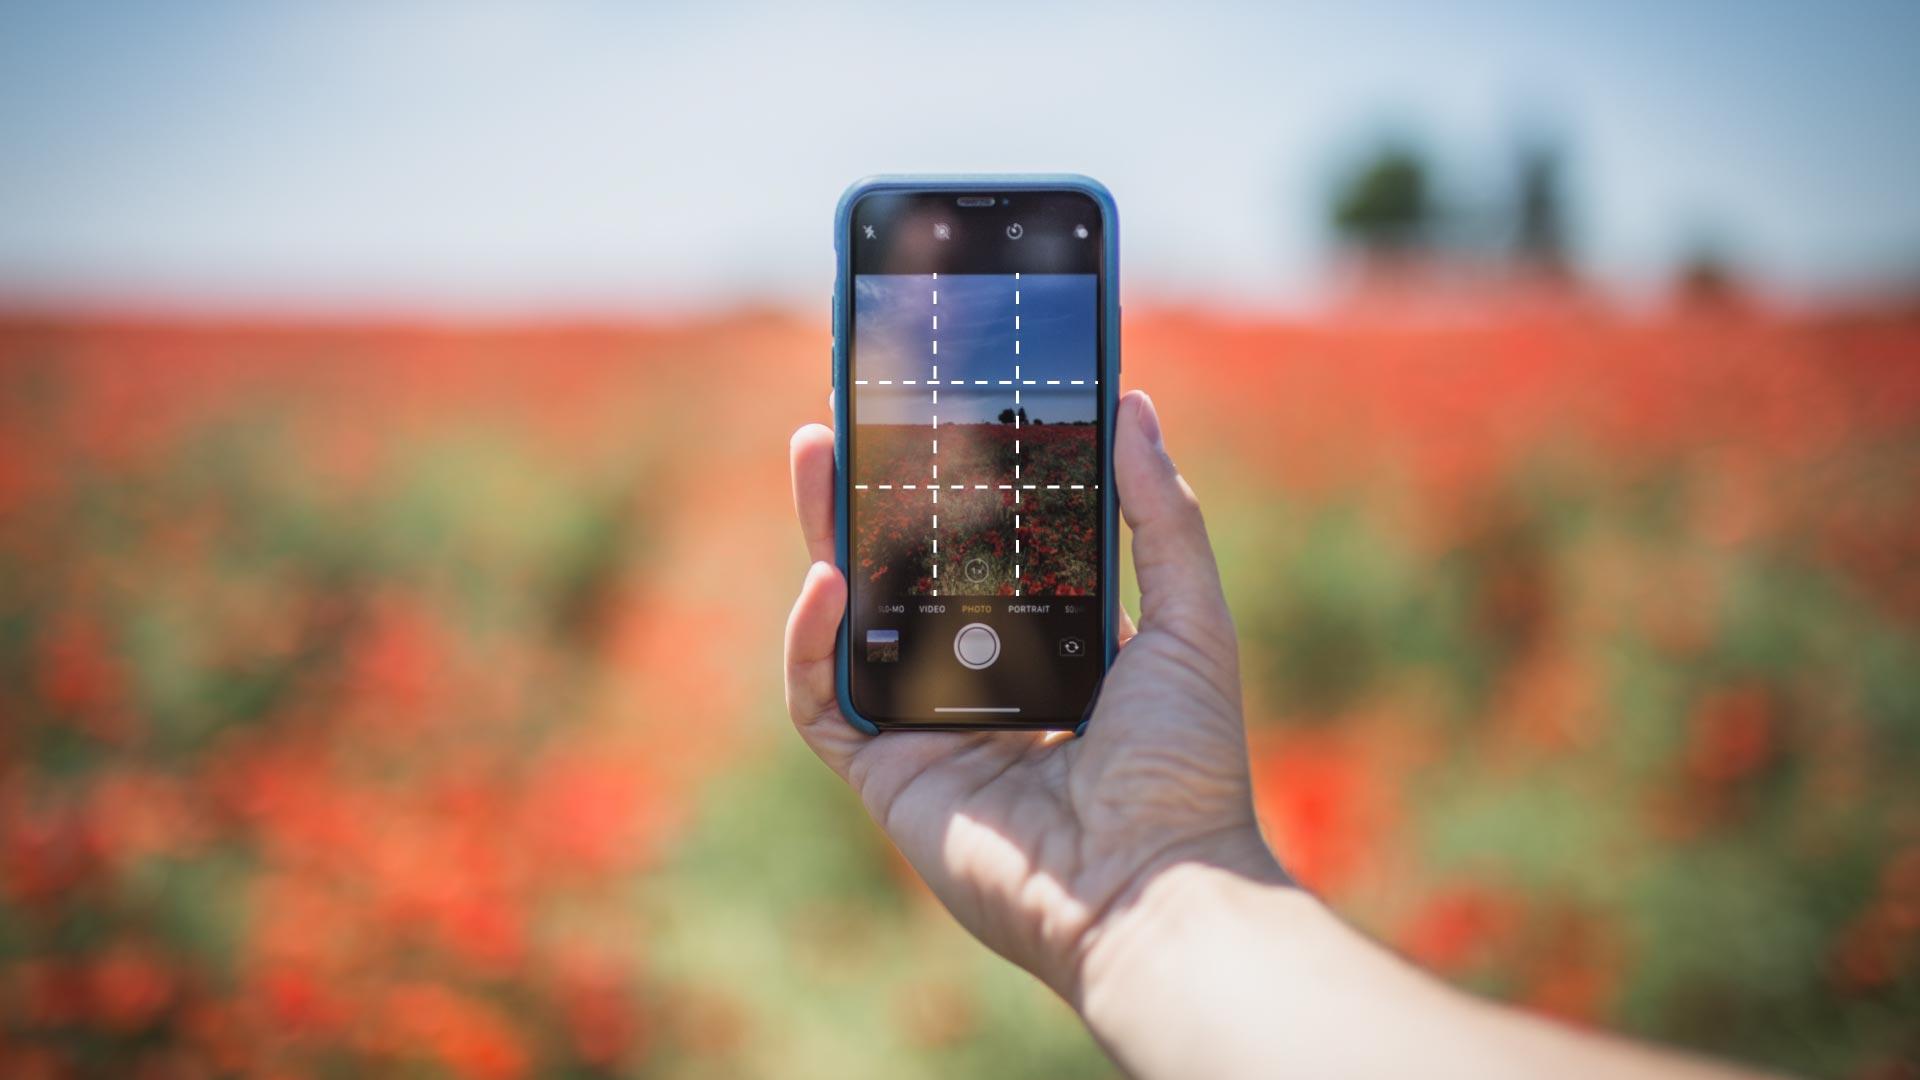 Scattare foto con la griglia nell'app fotocamera del tuo smartphone